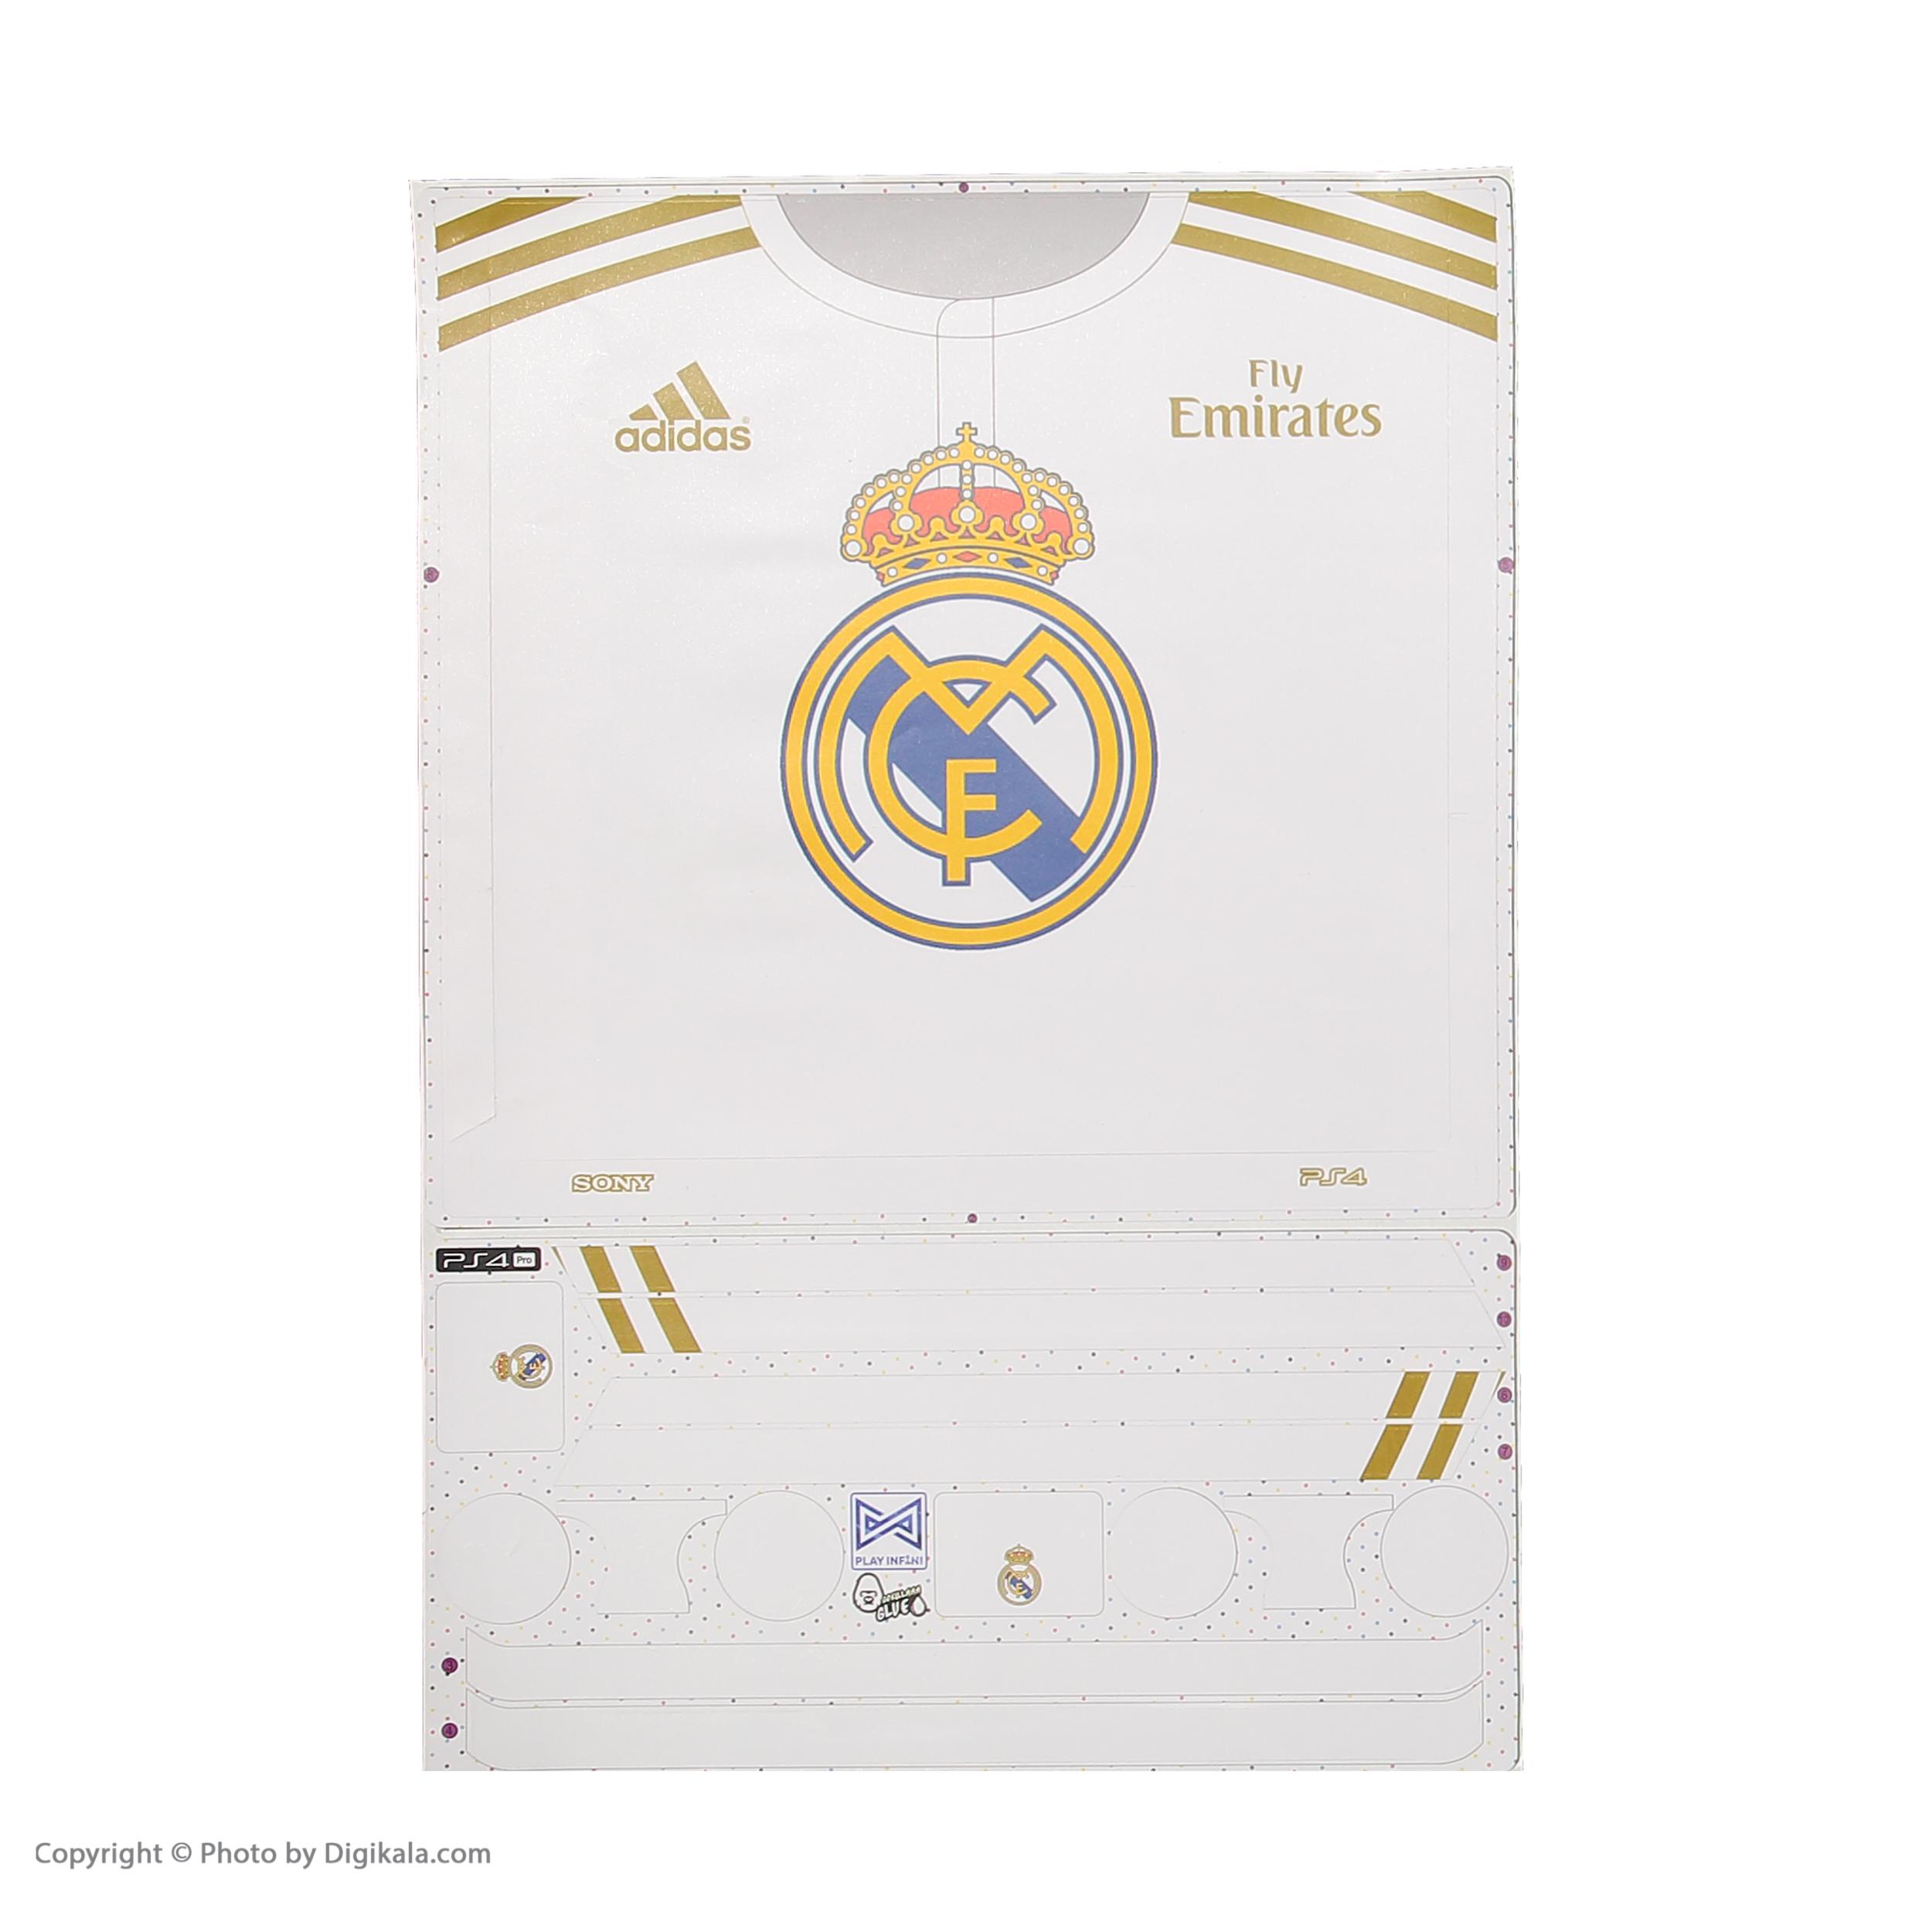 خرید اینترنتی برچسب پلی استیشن 4 پرو پلی اینفینی مدل Real Madrid CF به همراه برچسب دسته اورجینال